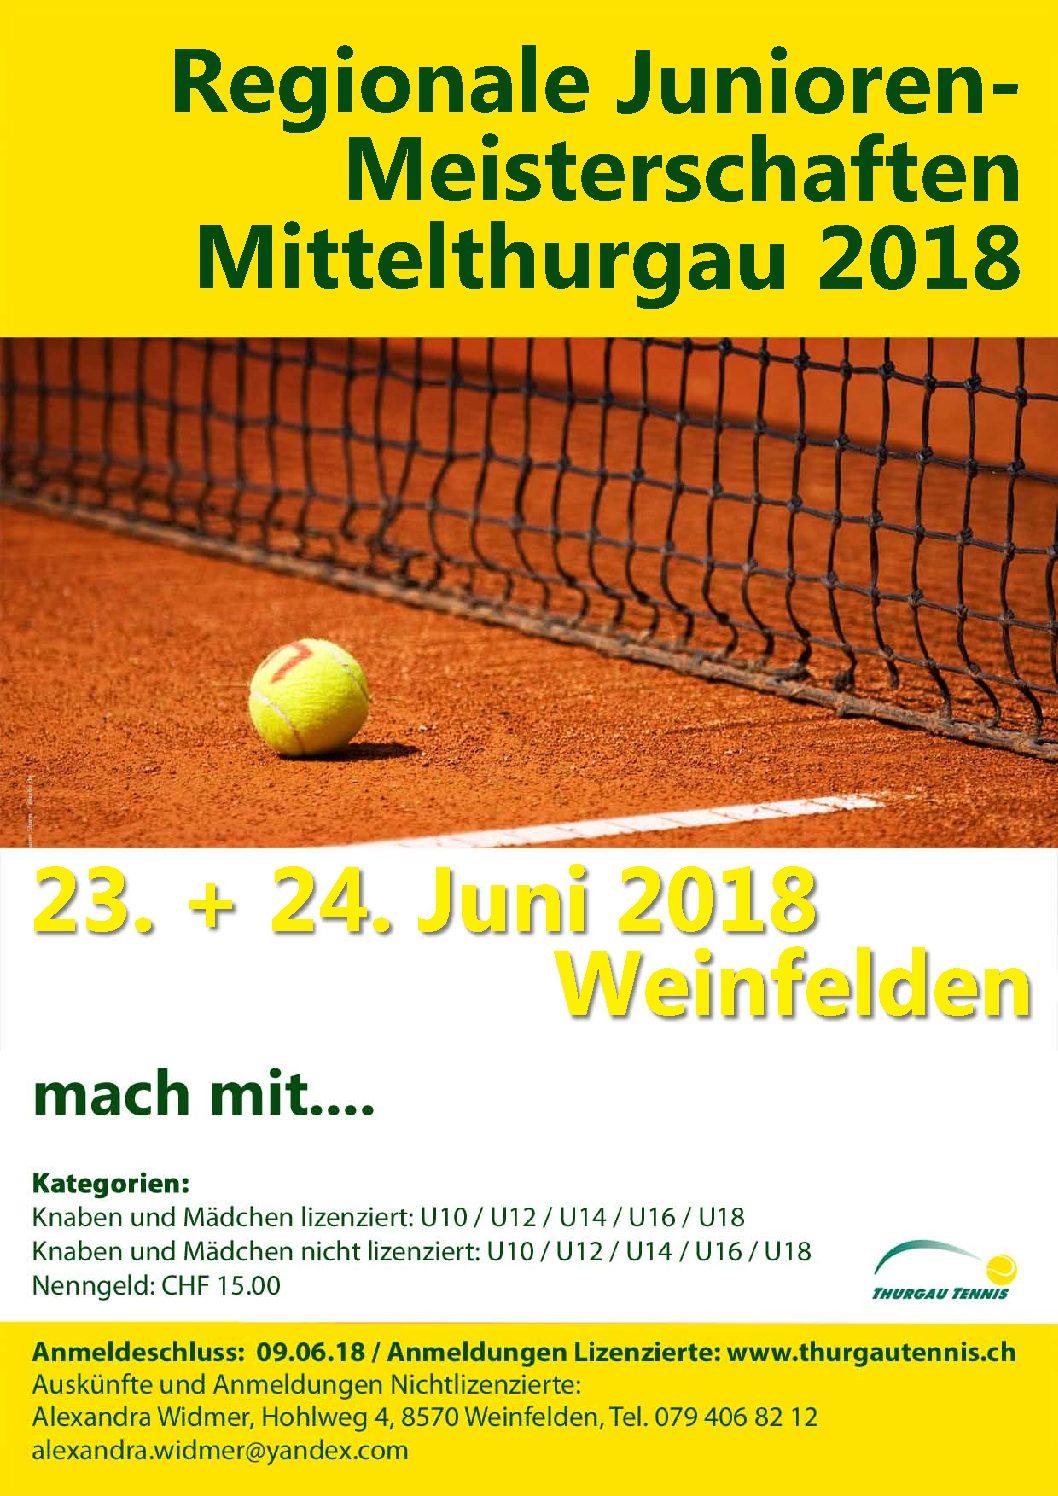 Regionale Junioren Meisterschaften Mittelthurgau